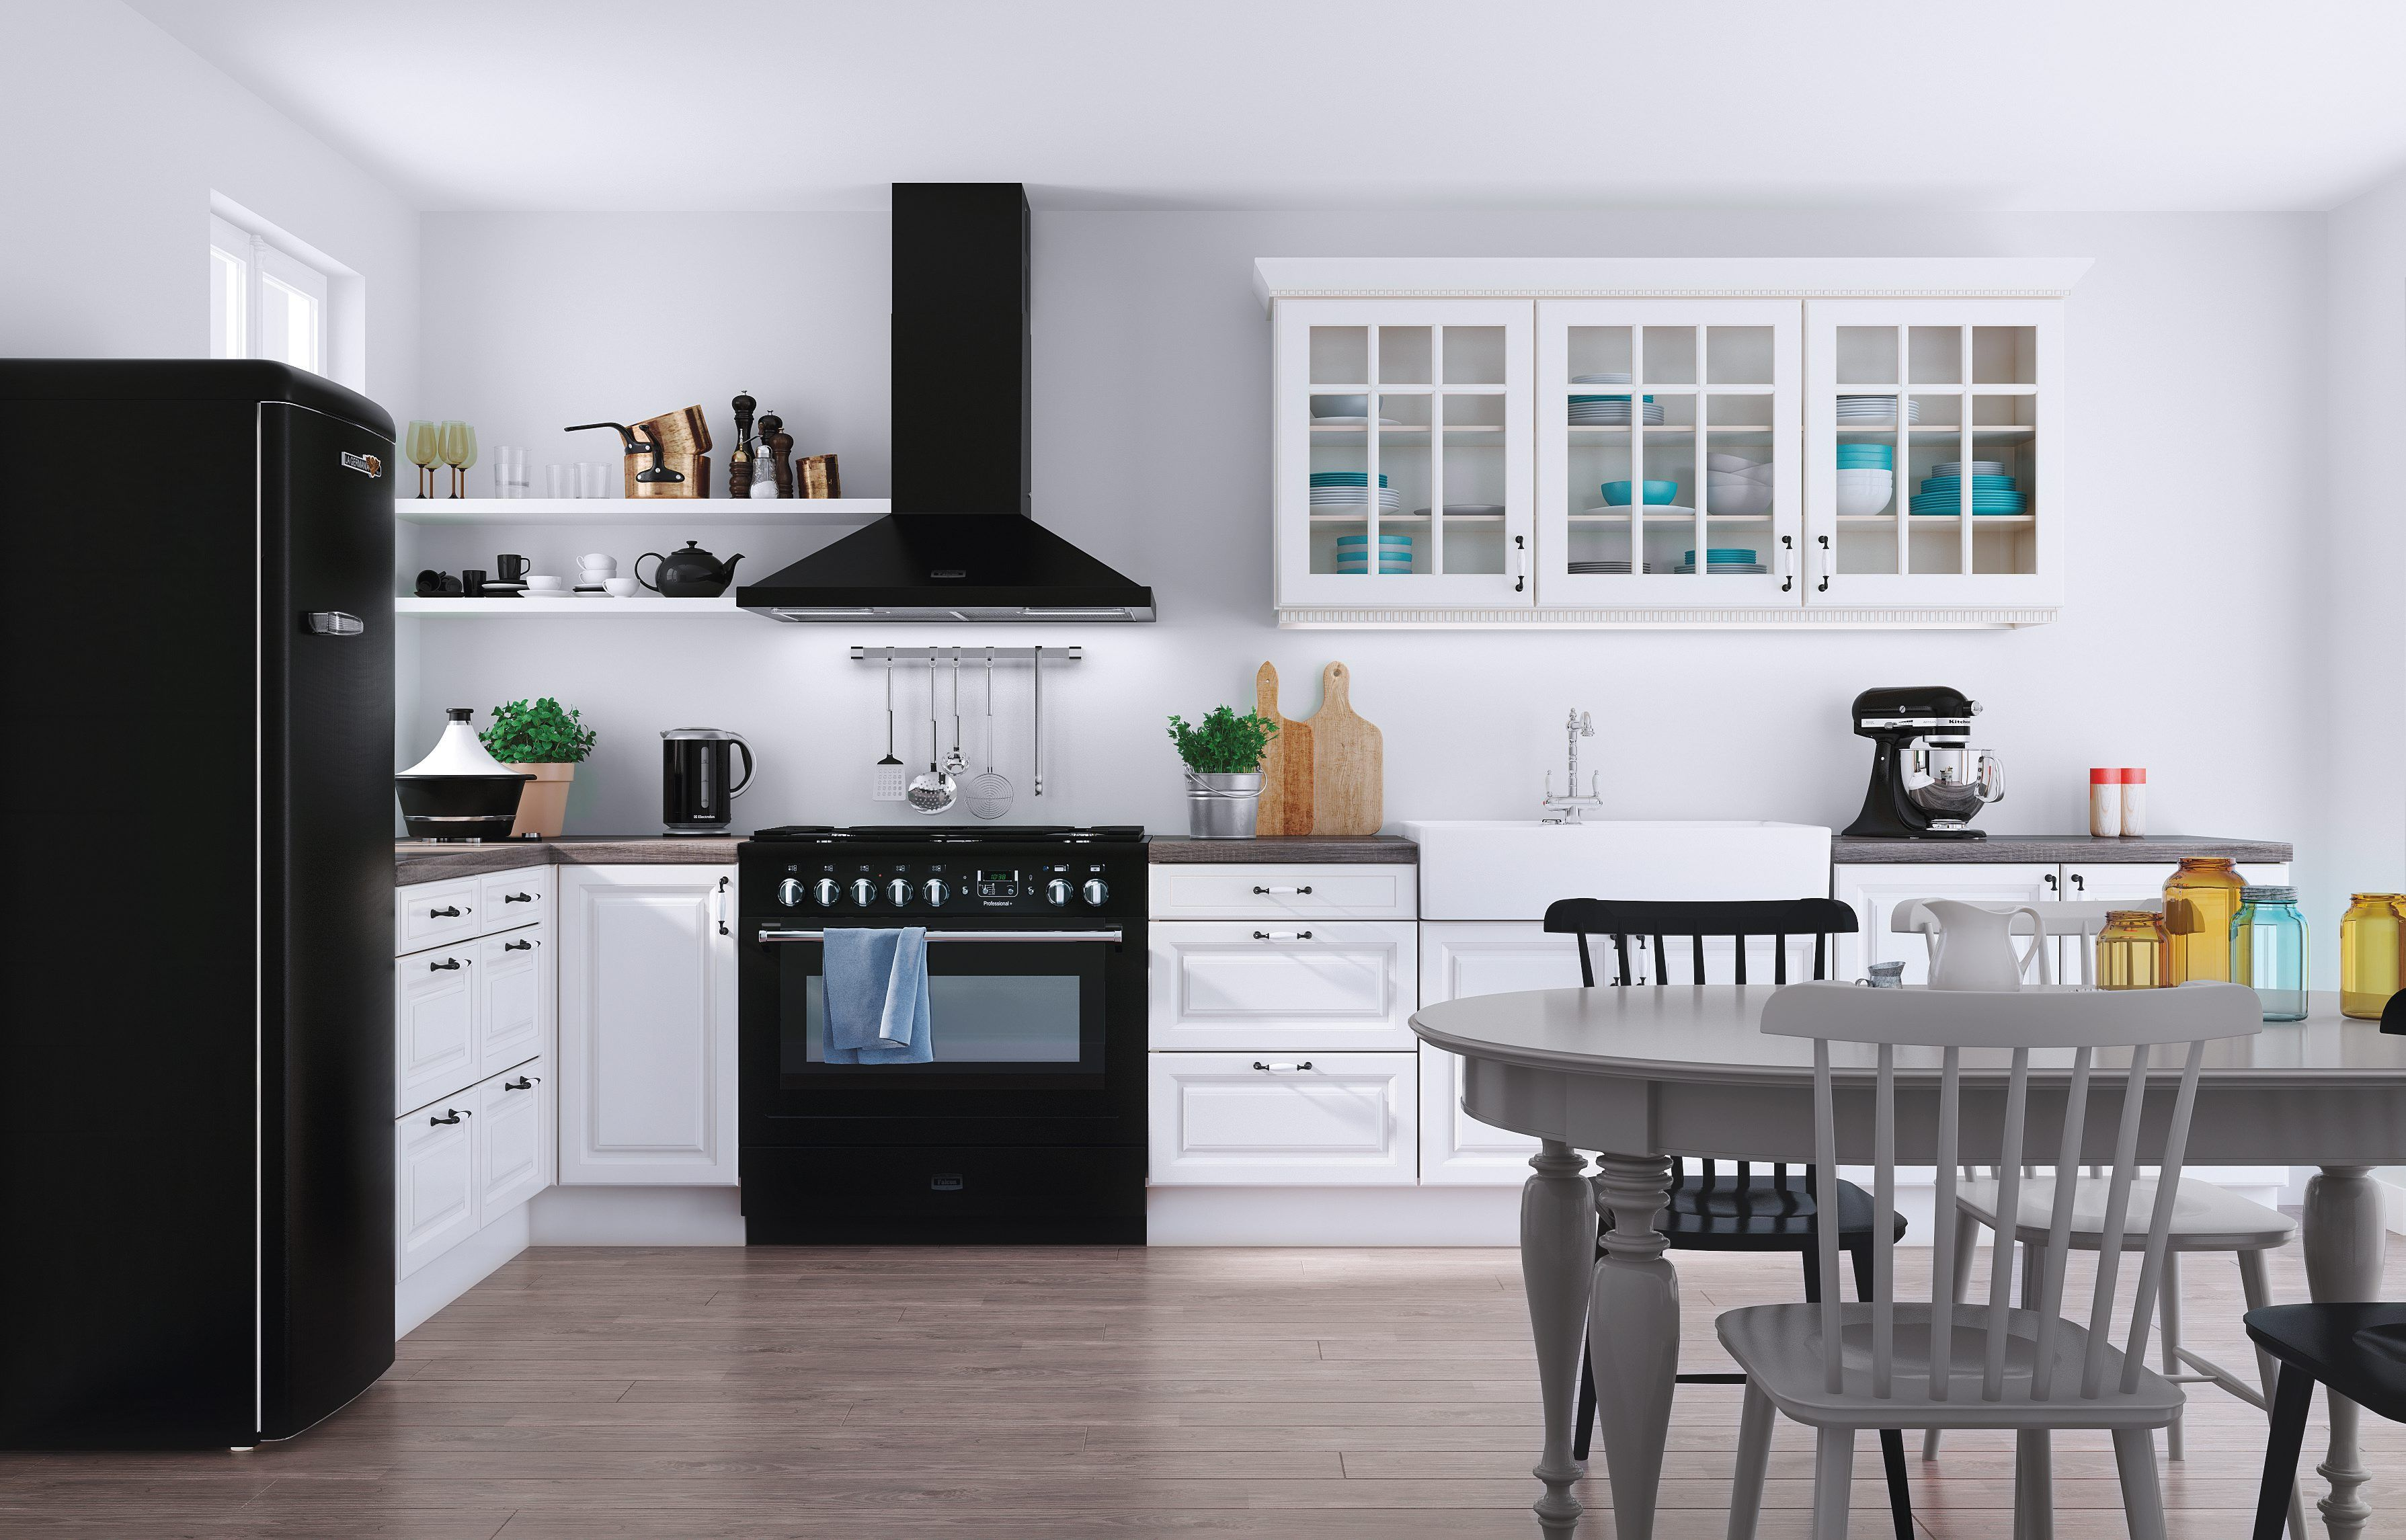 Cuisine Kanella But Inspiration Noir Blanc Maison Deco Meuble Cuisine Kitchenette Meuble Canape